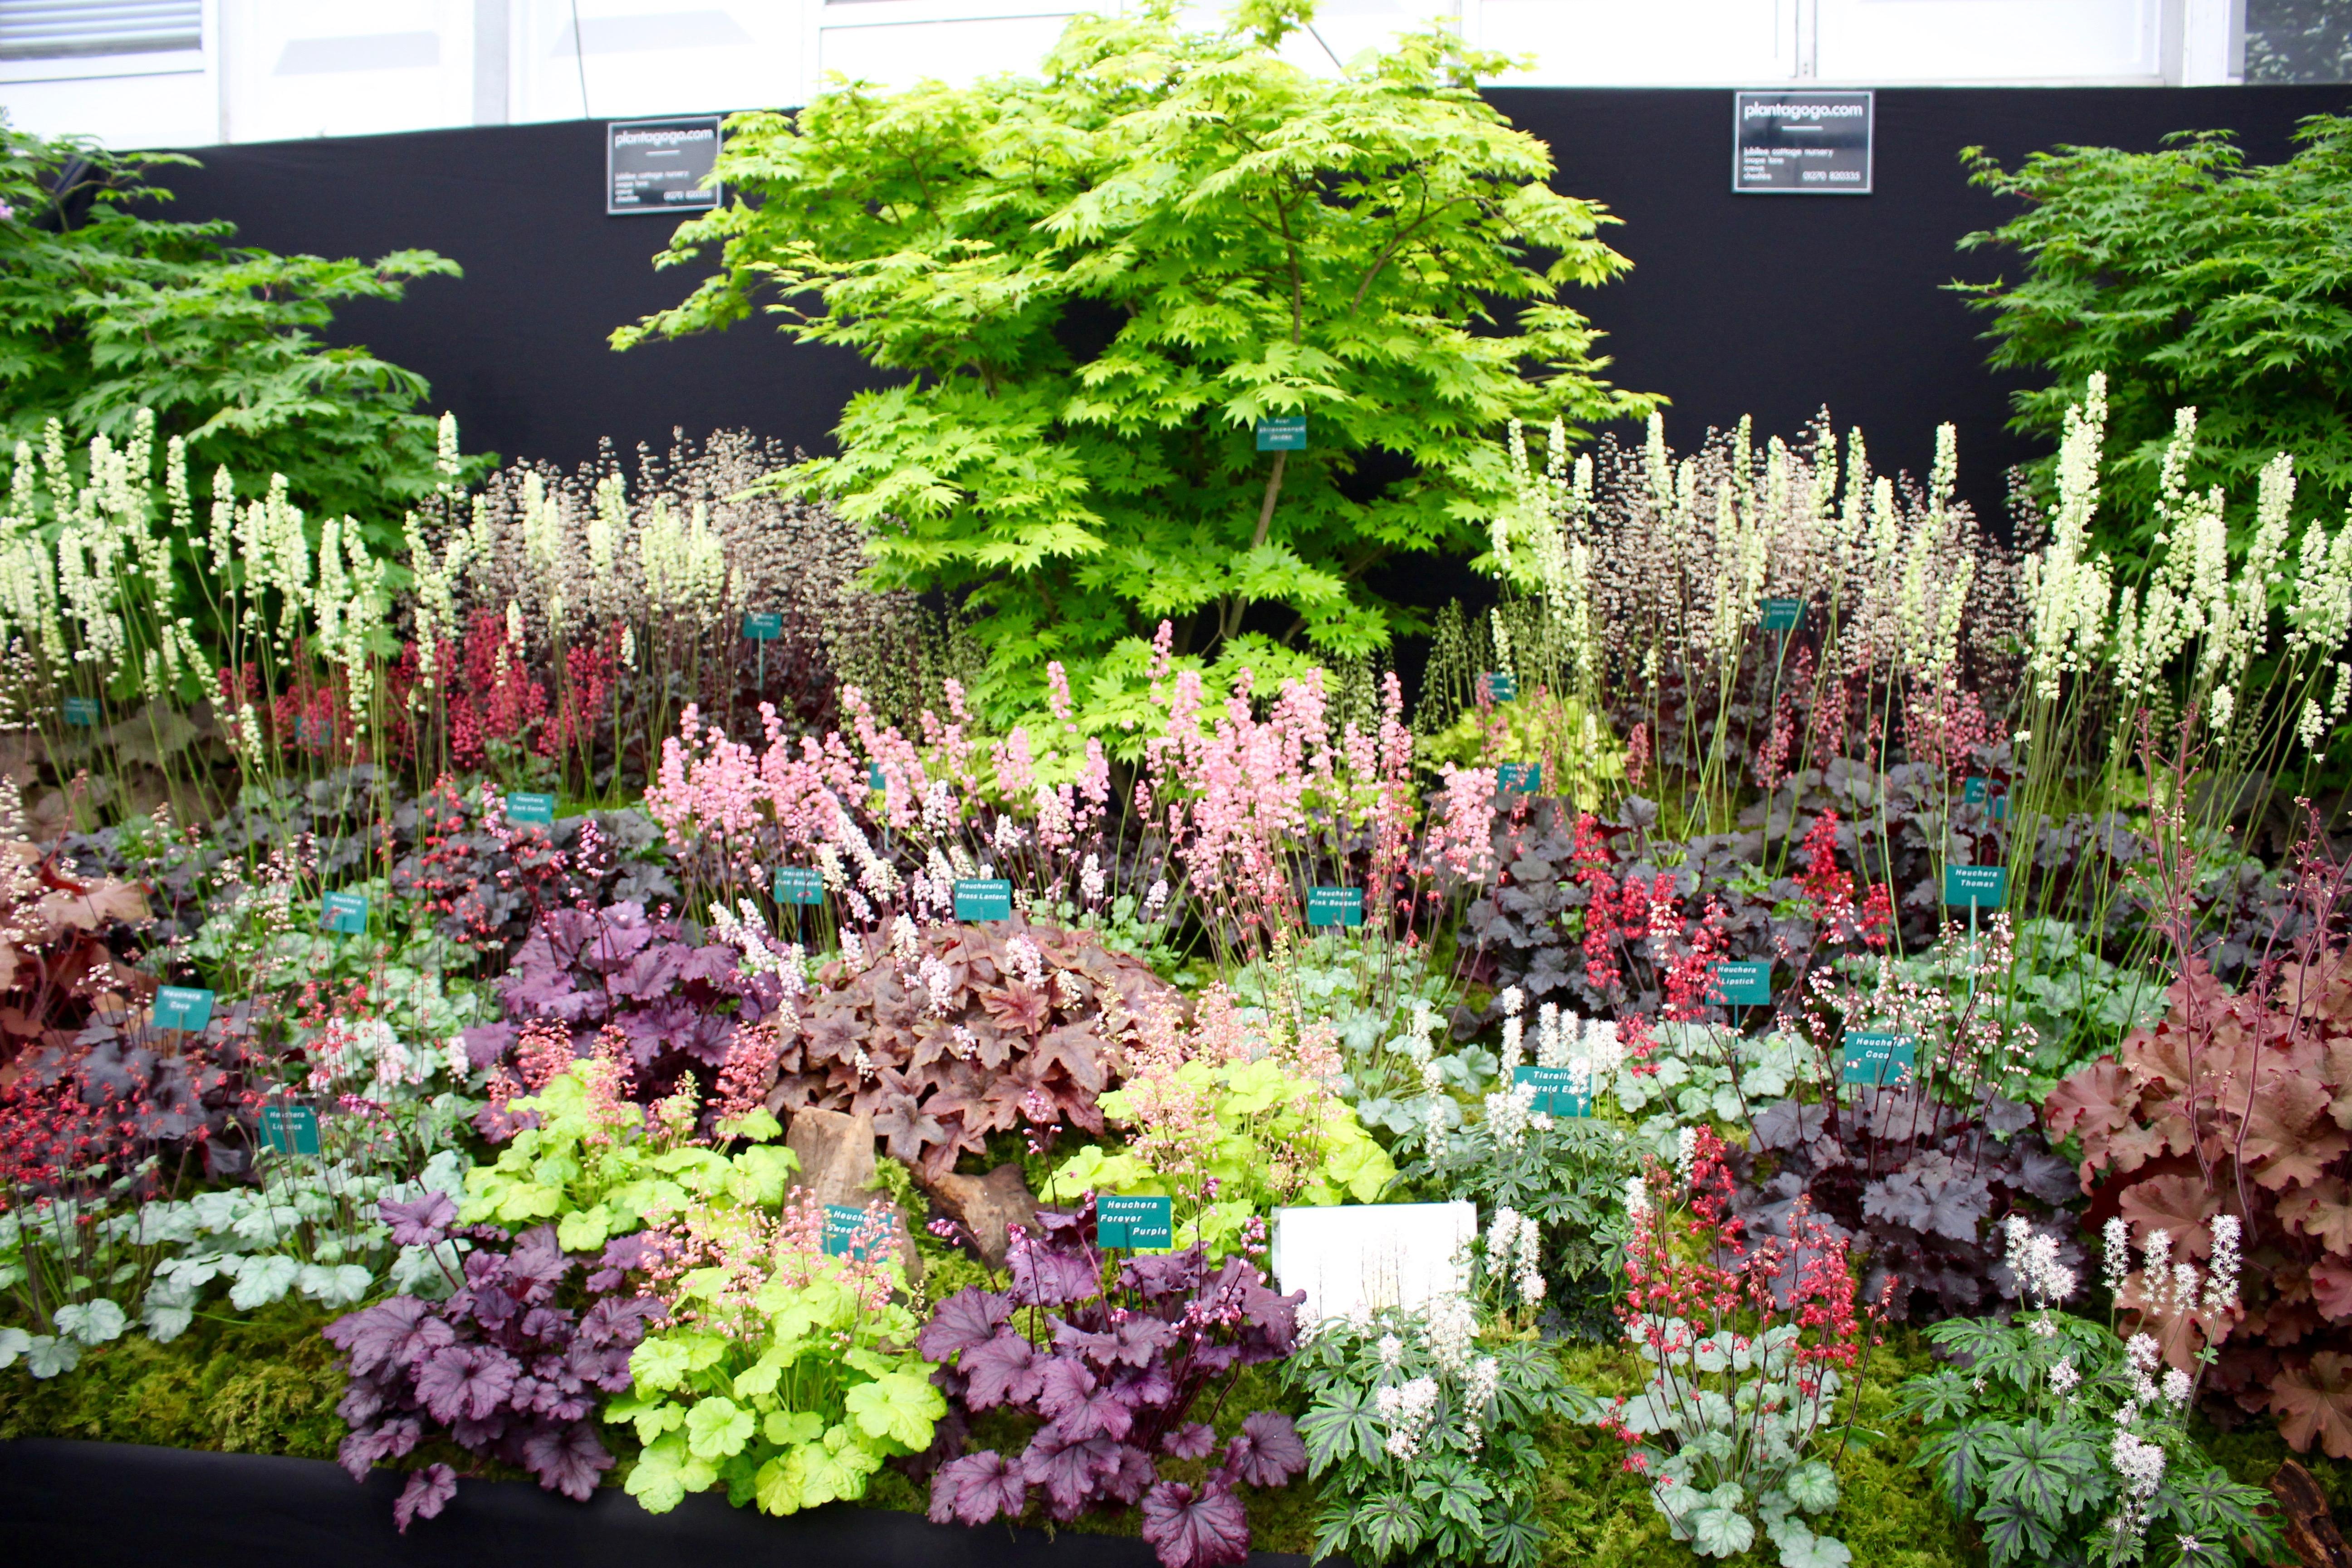 Chelsea flower show yesterday